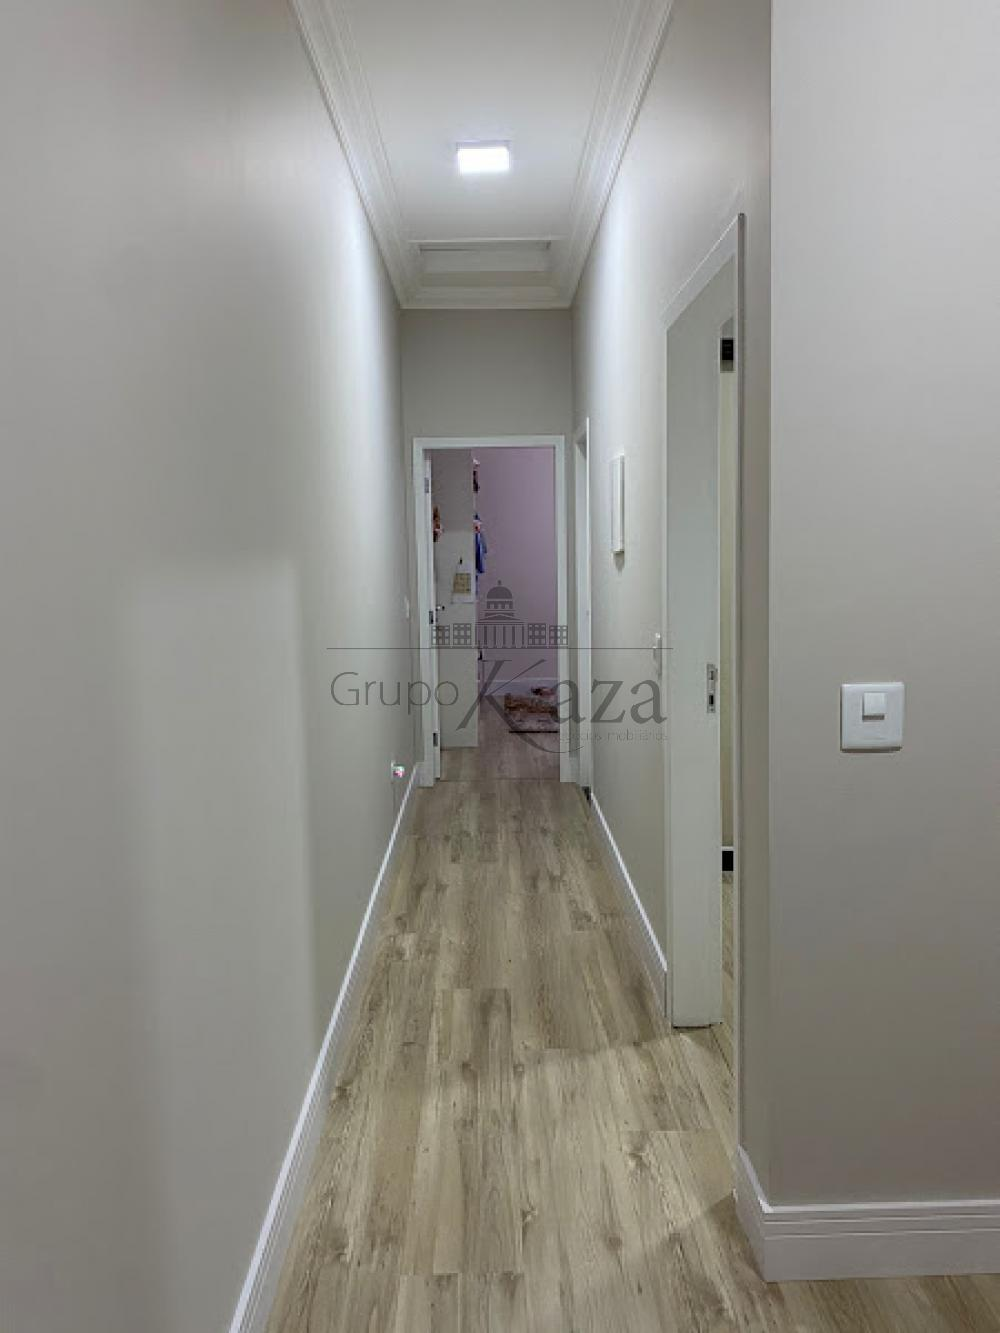 alt='Comprar Casa / Sobrado em São José dos Campos R$ 750.000,00 - Foto 15' title='Comprar Casa / Sobrado em São José dos Campos R$ 750.000,00 - Foto 15'